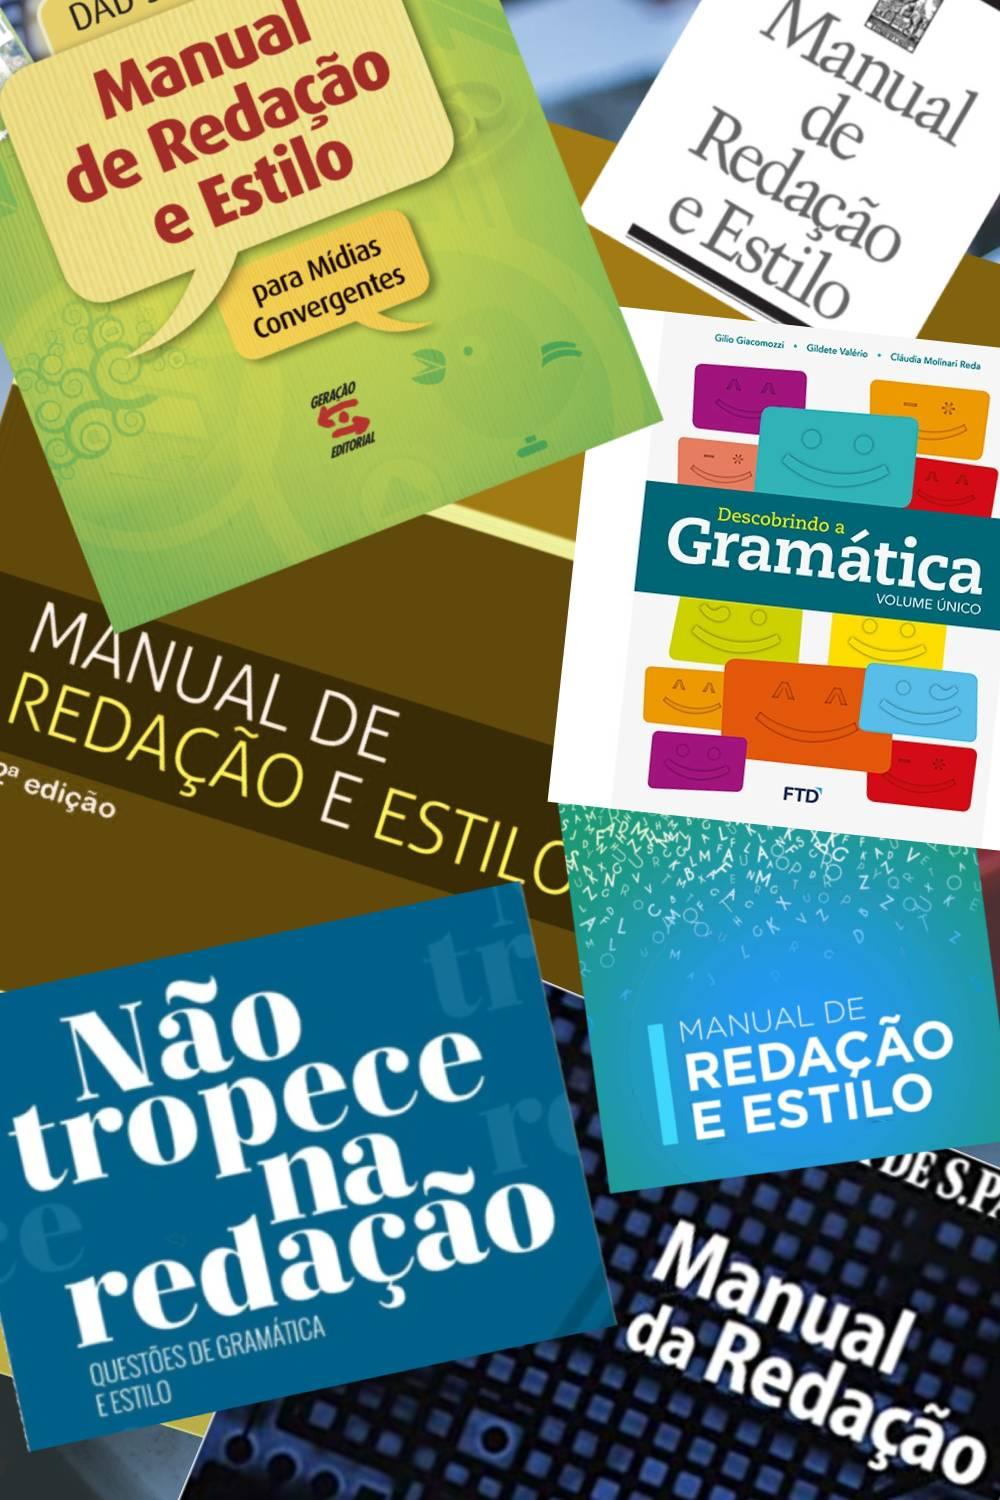 ambiente de leitura carlos romero cronica chico viana literatura jornalismo lingua portuguesa conhecimento gramatica redacao estilo noticia veracidade informacao